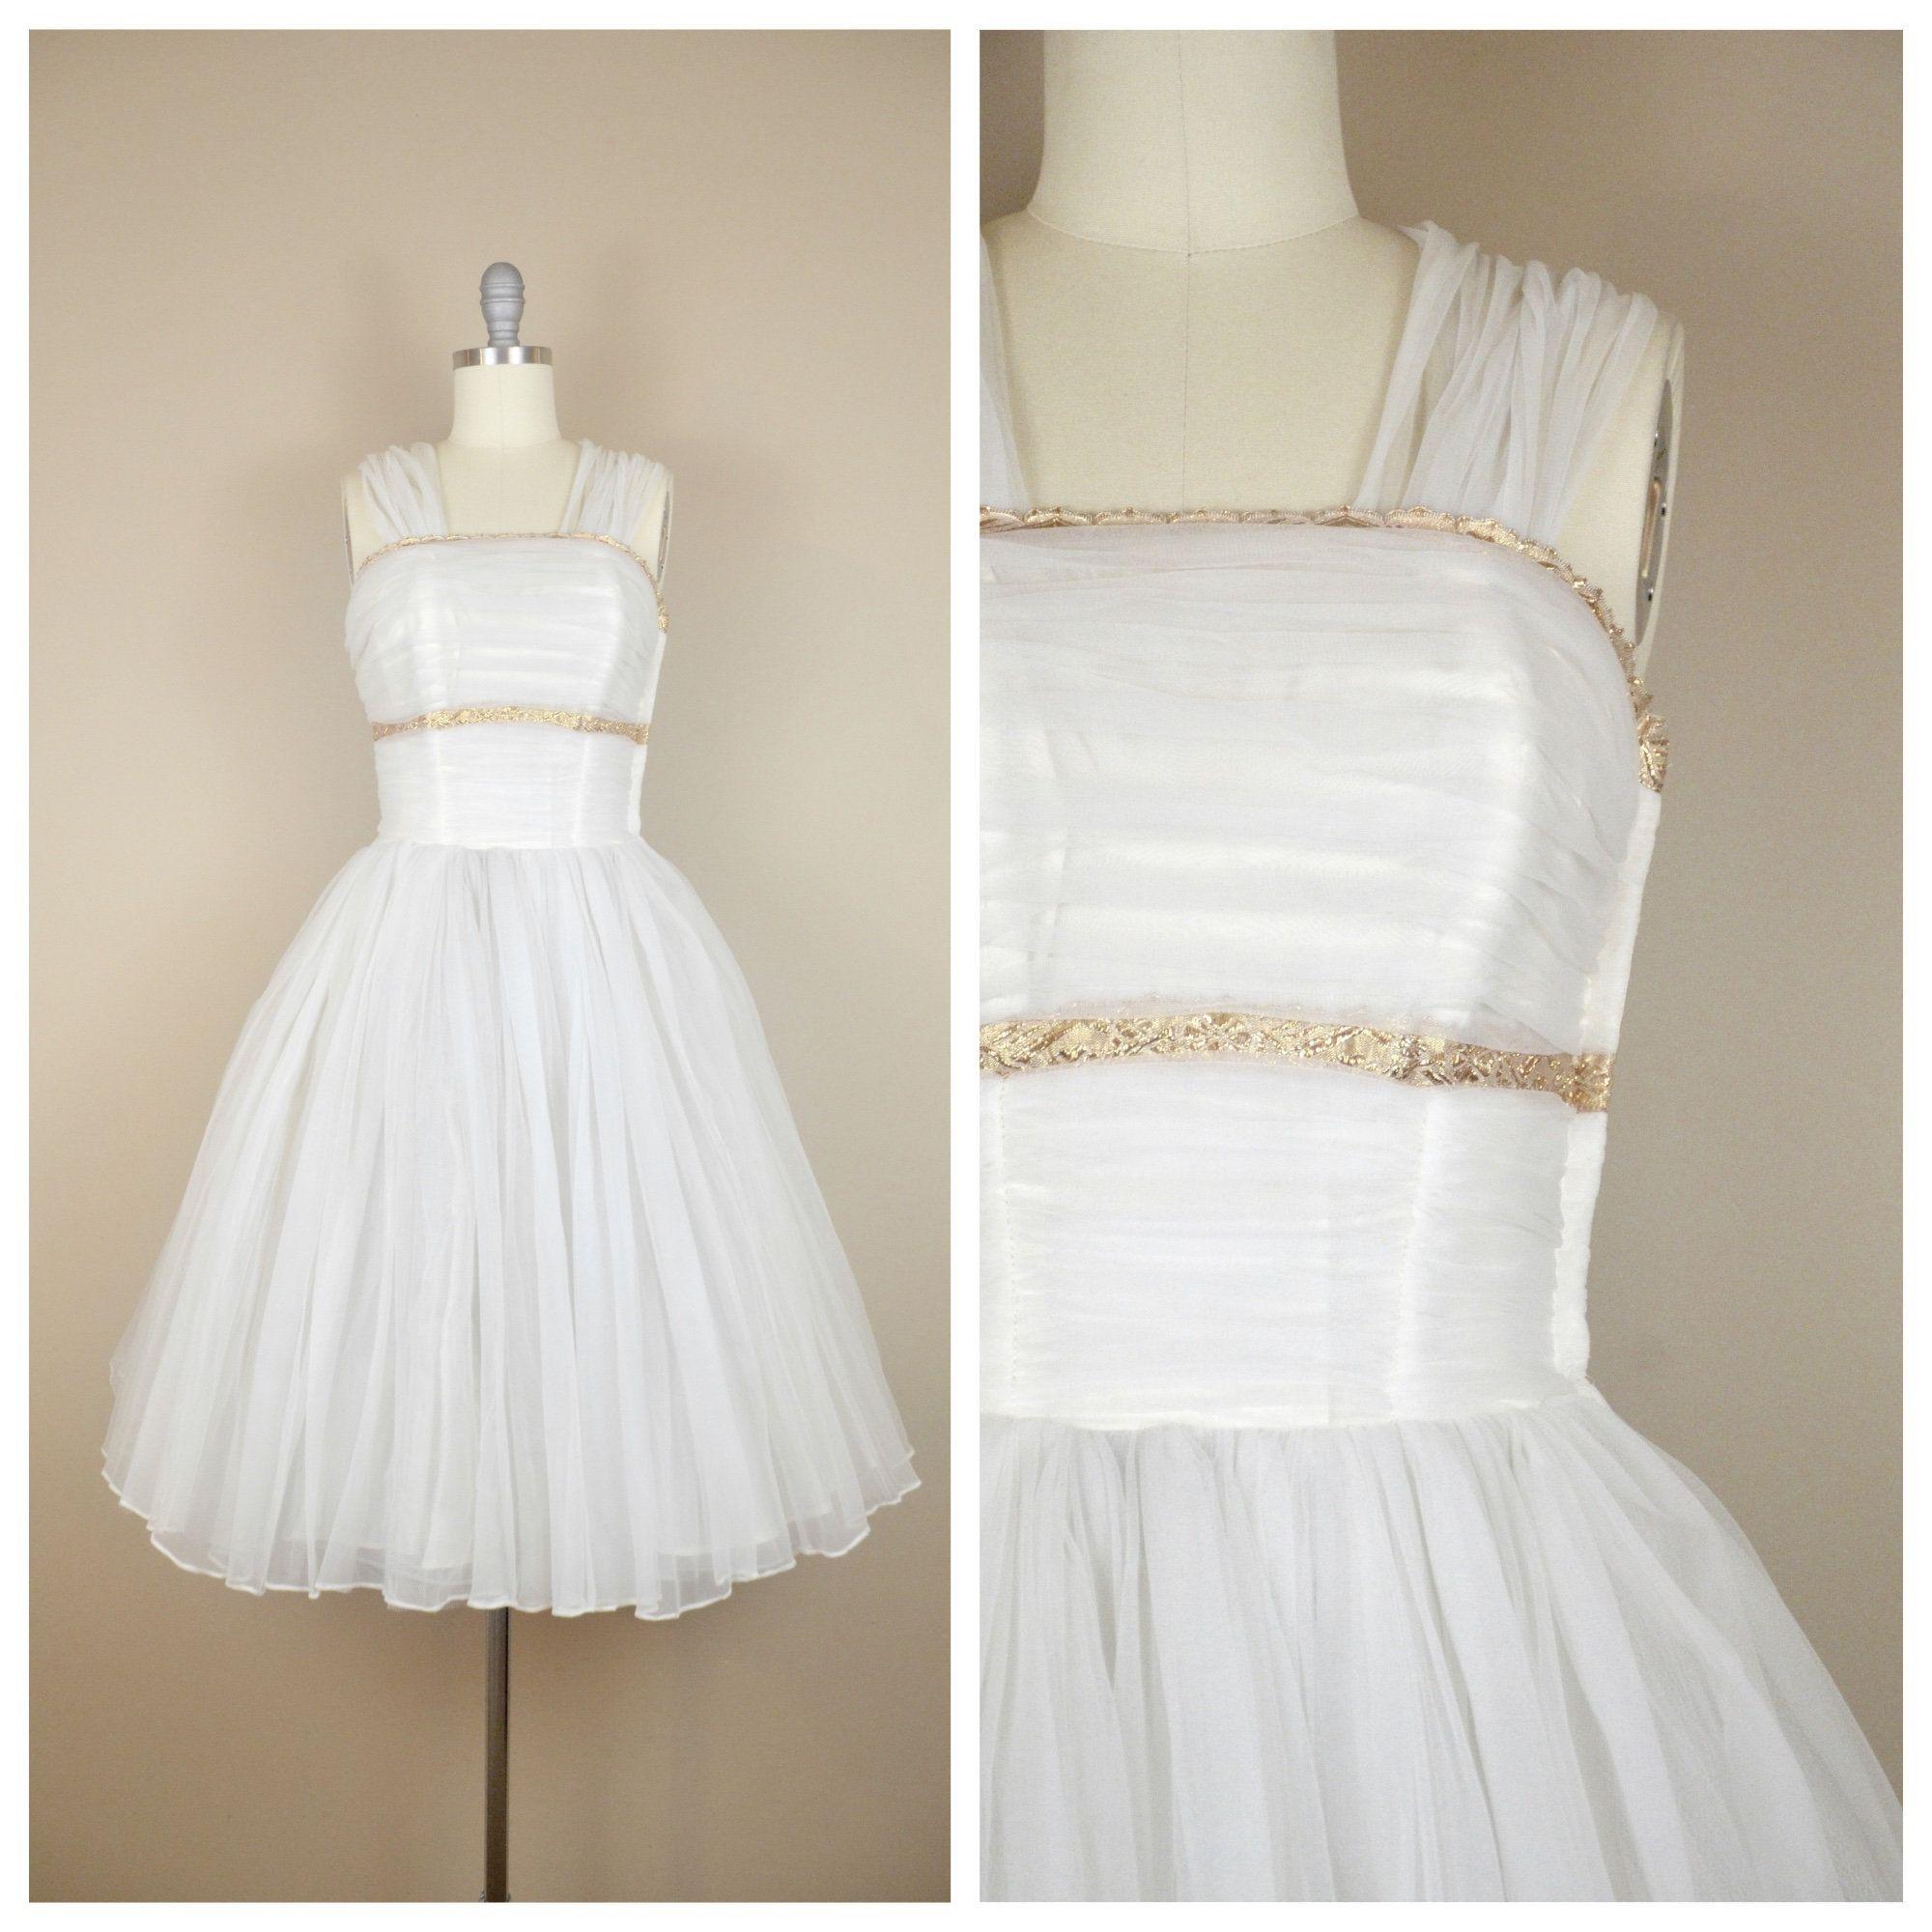 1960 Tulle Party Dresses Vintage Dresses 1960s 1960s Dresses Prom Dresses Vintage [ 1060 x 768 Pixel ]